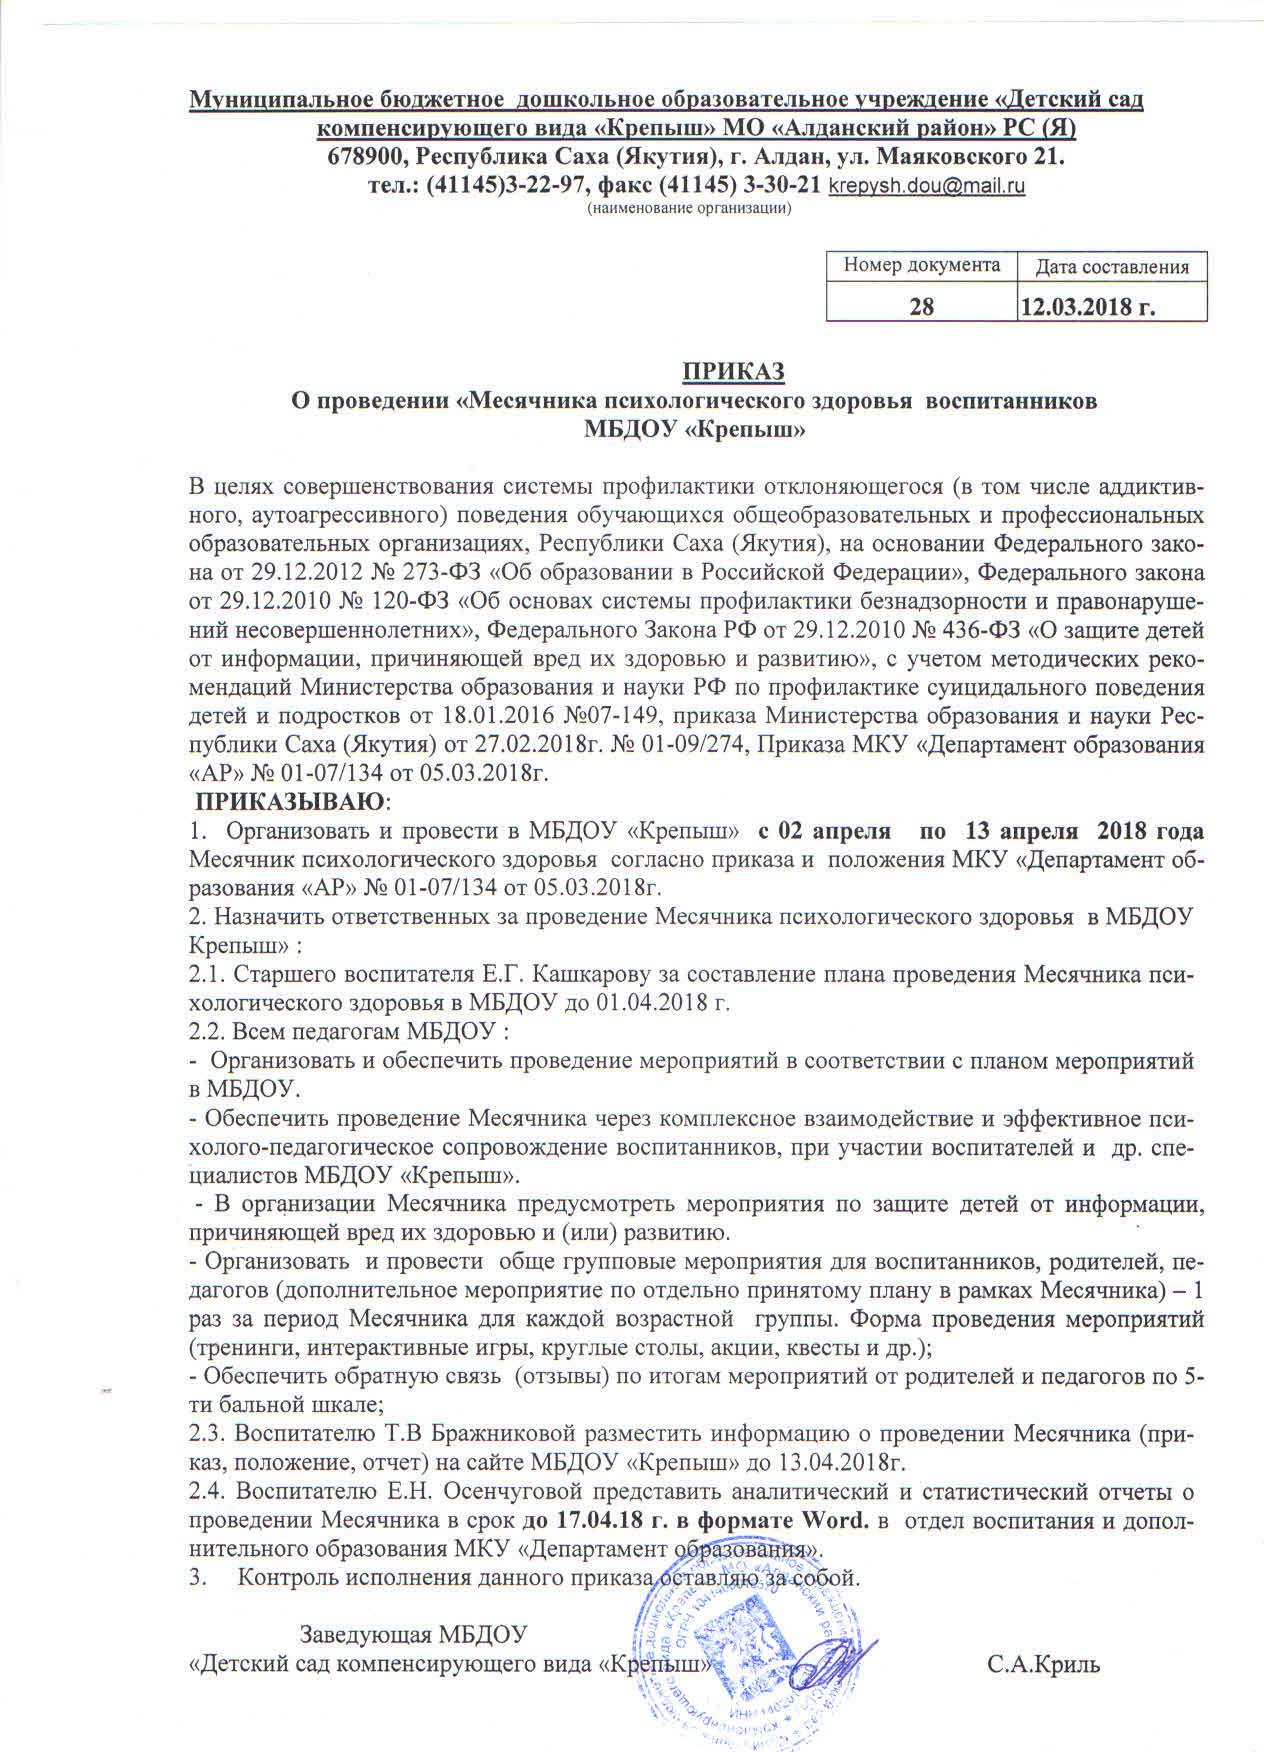 ПРИКАЗ МПЗ Крепыш